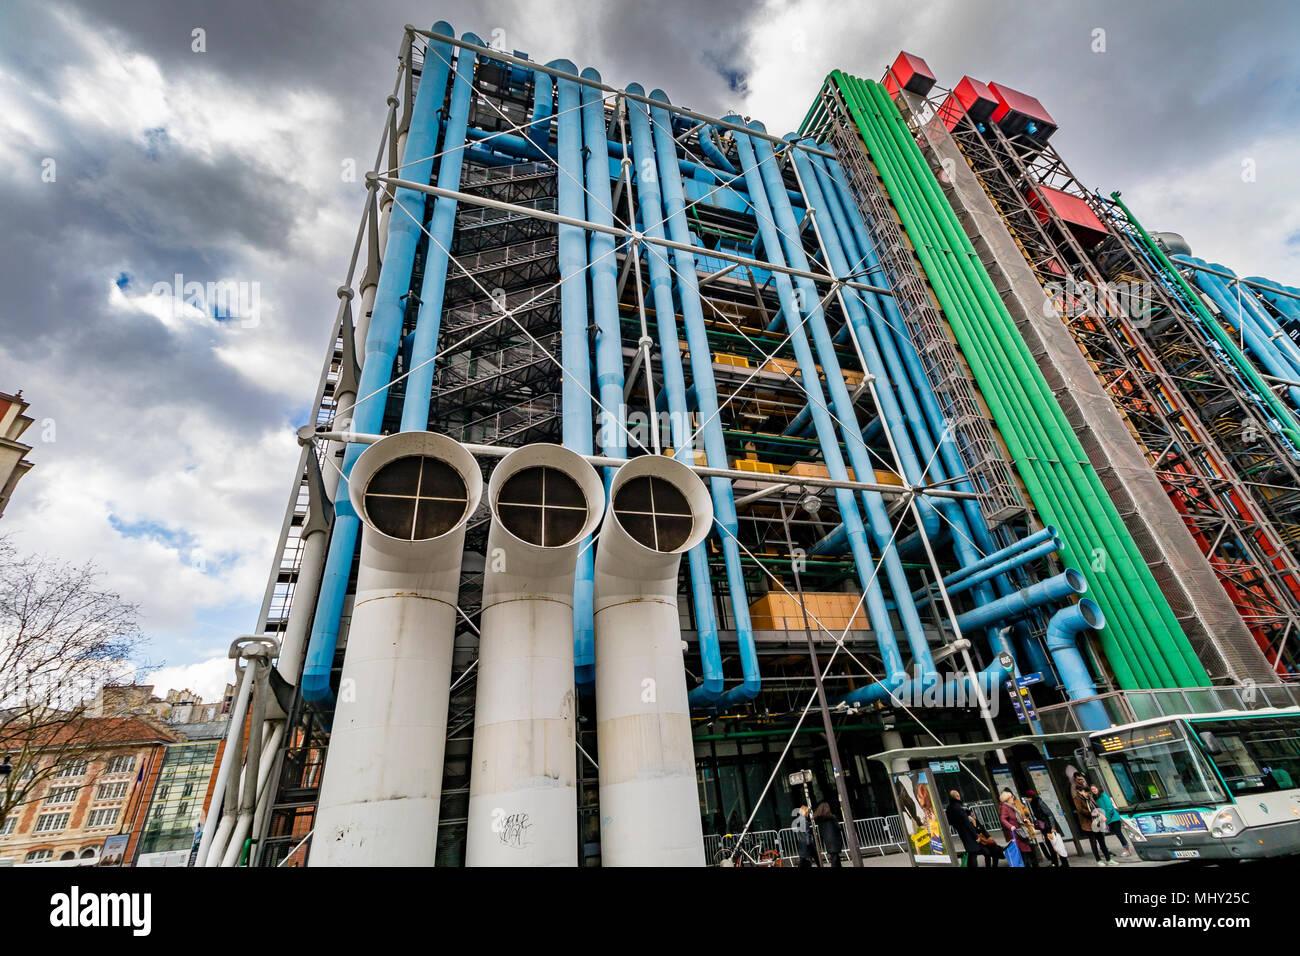 Grundfarben und freiliegende Rohrleitungen und Luftkanäle des Centre Georges Pompidou, Paris, Frankreich Stockbild